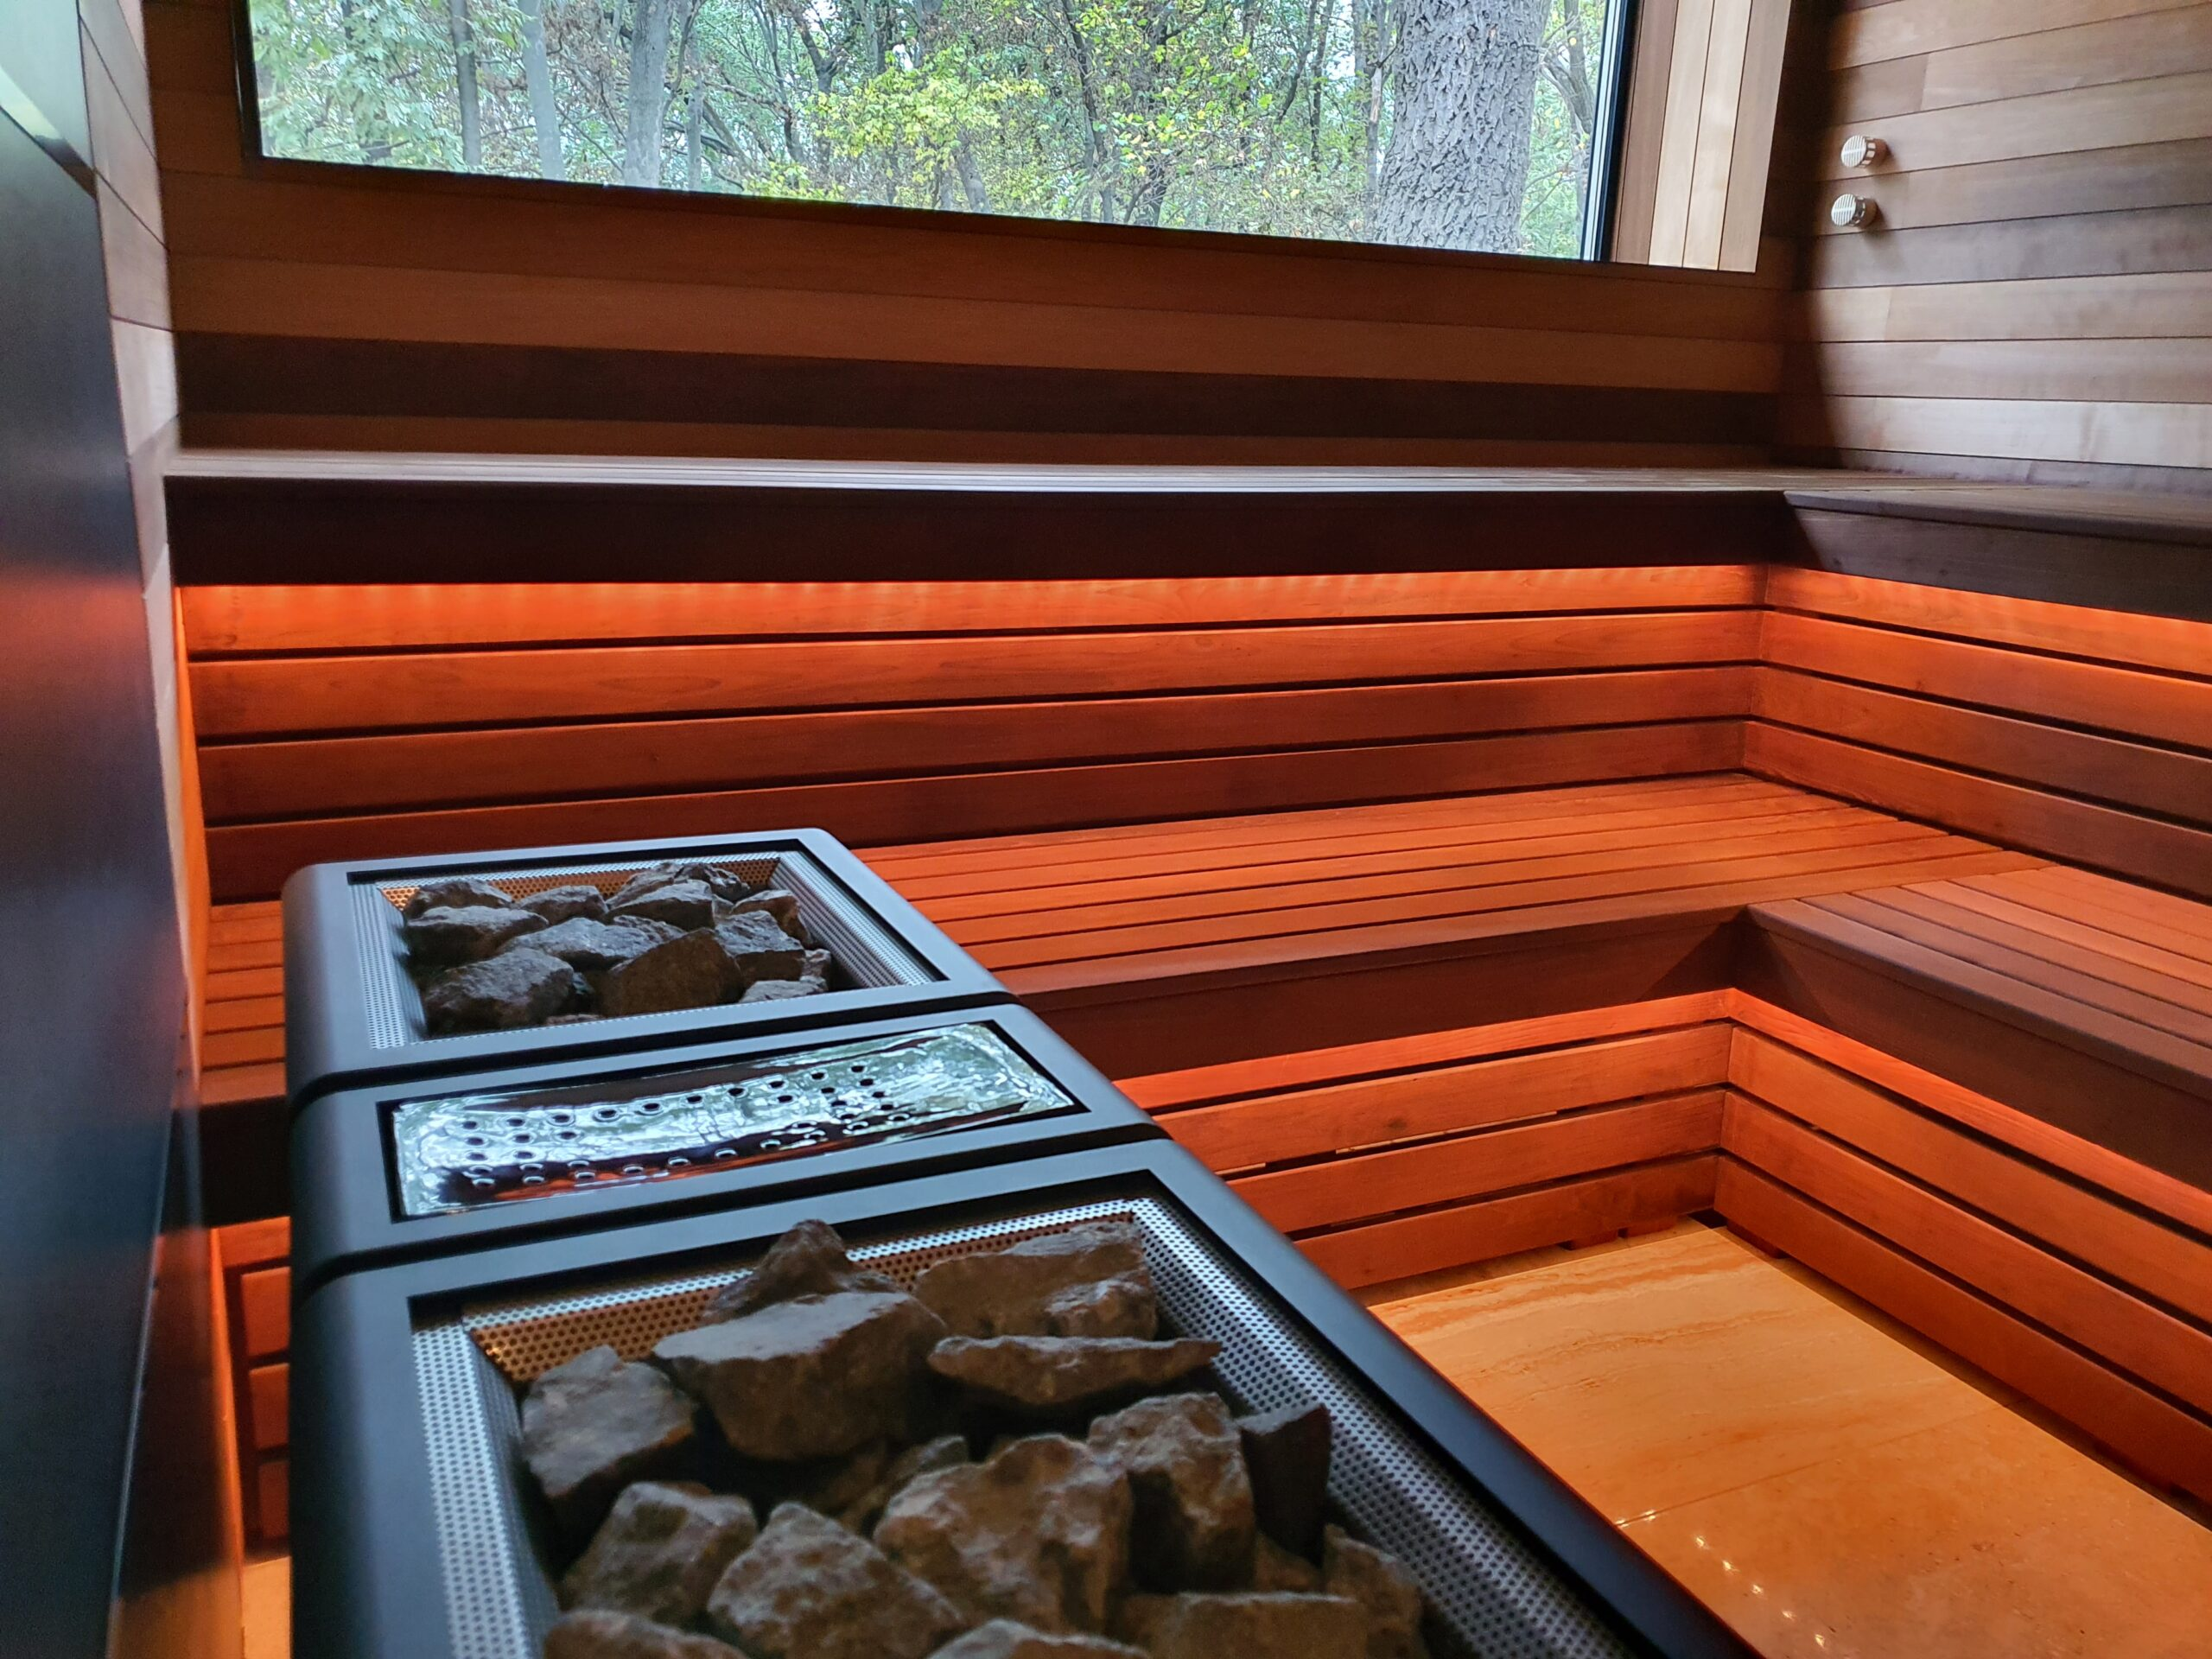 сауна модуль хаус, сауна модуль хаус, module house sauna.